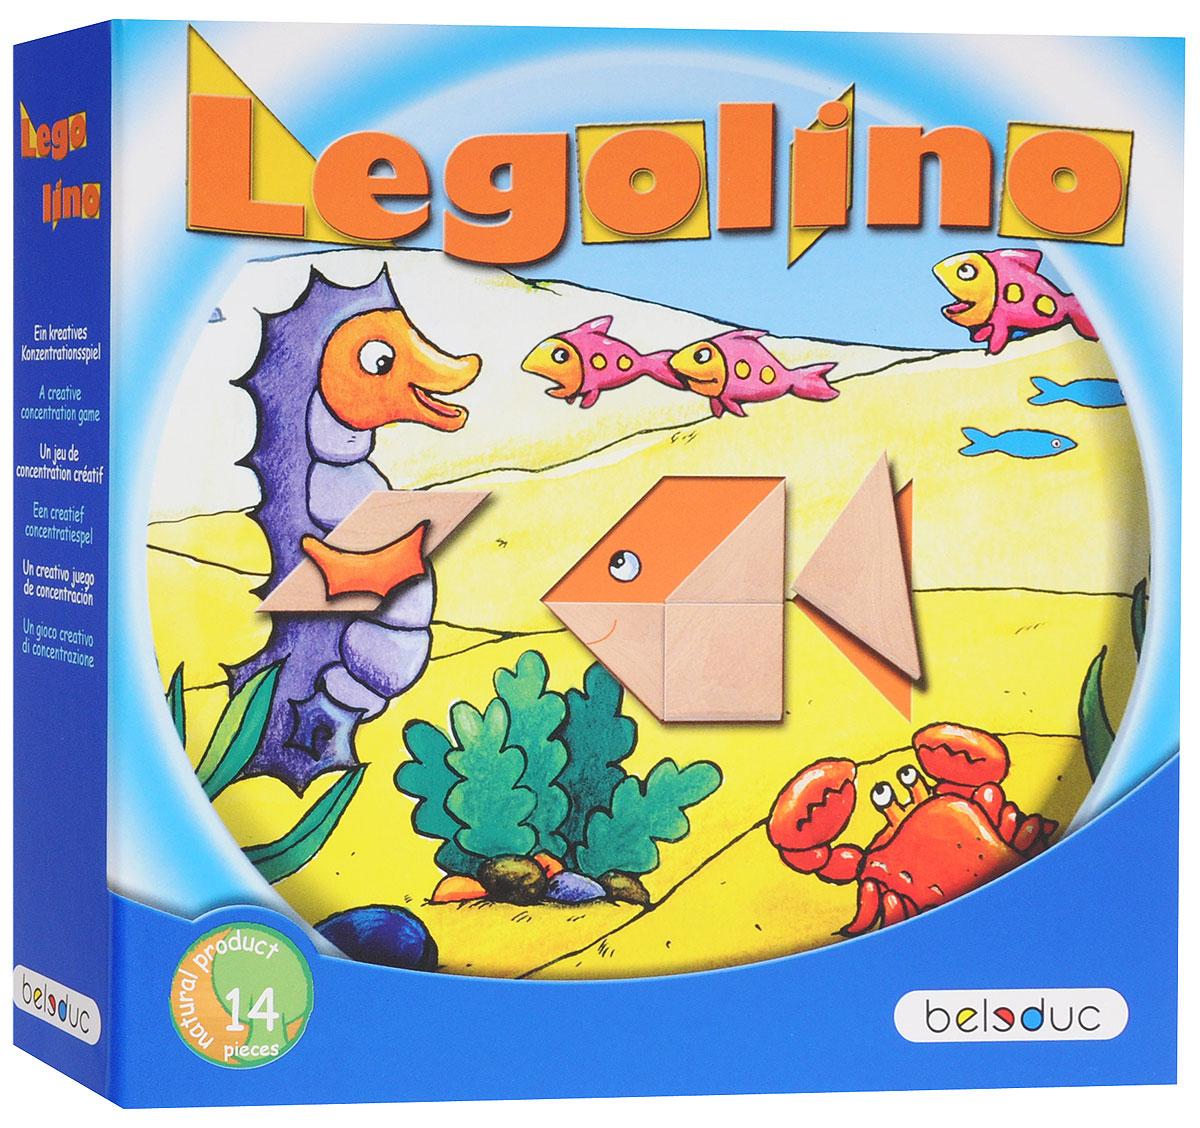 Beleduc Обучающая игра Леголино22312Современный вариант игры Танграм (Леголино) способствует развитию фантазии, абстрактного мышления, визуального и тактильного восприятия цветов и форм, а также концентрации внимания и усидчивости. В каждой карточке отсутствует определенный элемент, который необходимо заполнить геометрическими фигурами, чтобы получился целый рисунок. Игрокам предлагаются задания различных уровней сложности. Также можно придумывать фигуры самостоятельно. Головоломка Танграм - любимая игра детей и взрослых, является разновидностью классических пазлов. Главное отличие Танграма заключается в том, что части головоломки образуются путем деления квадрата на части. Средняя продолжительность игры составляет 10-15 минут.